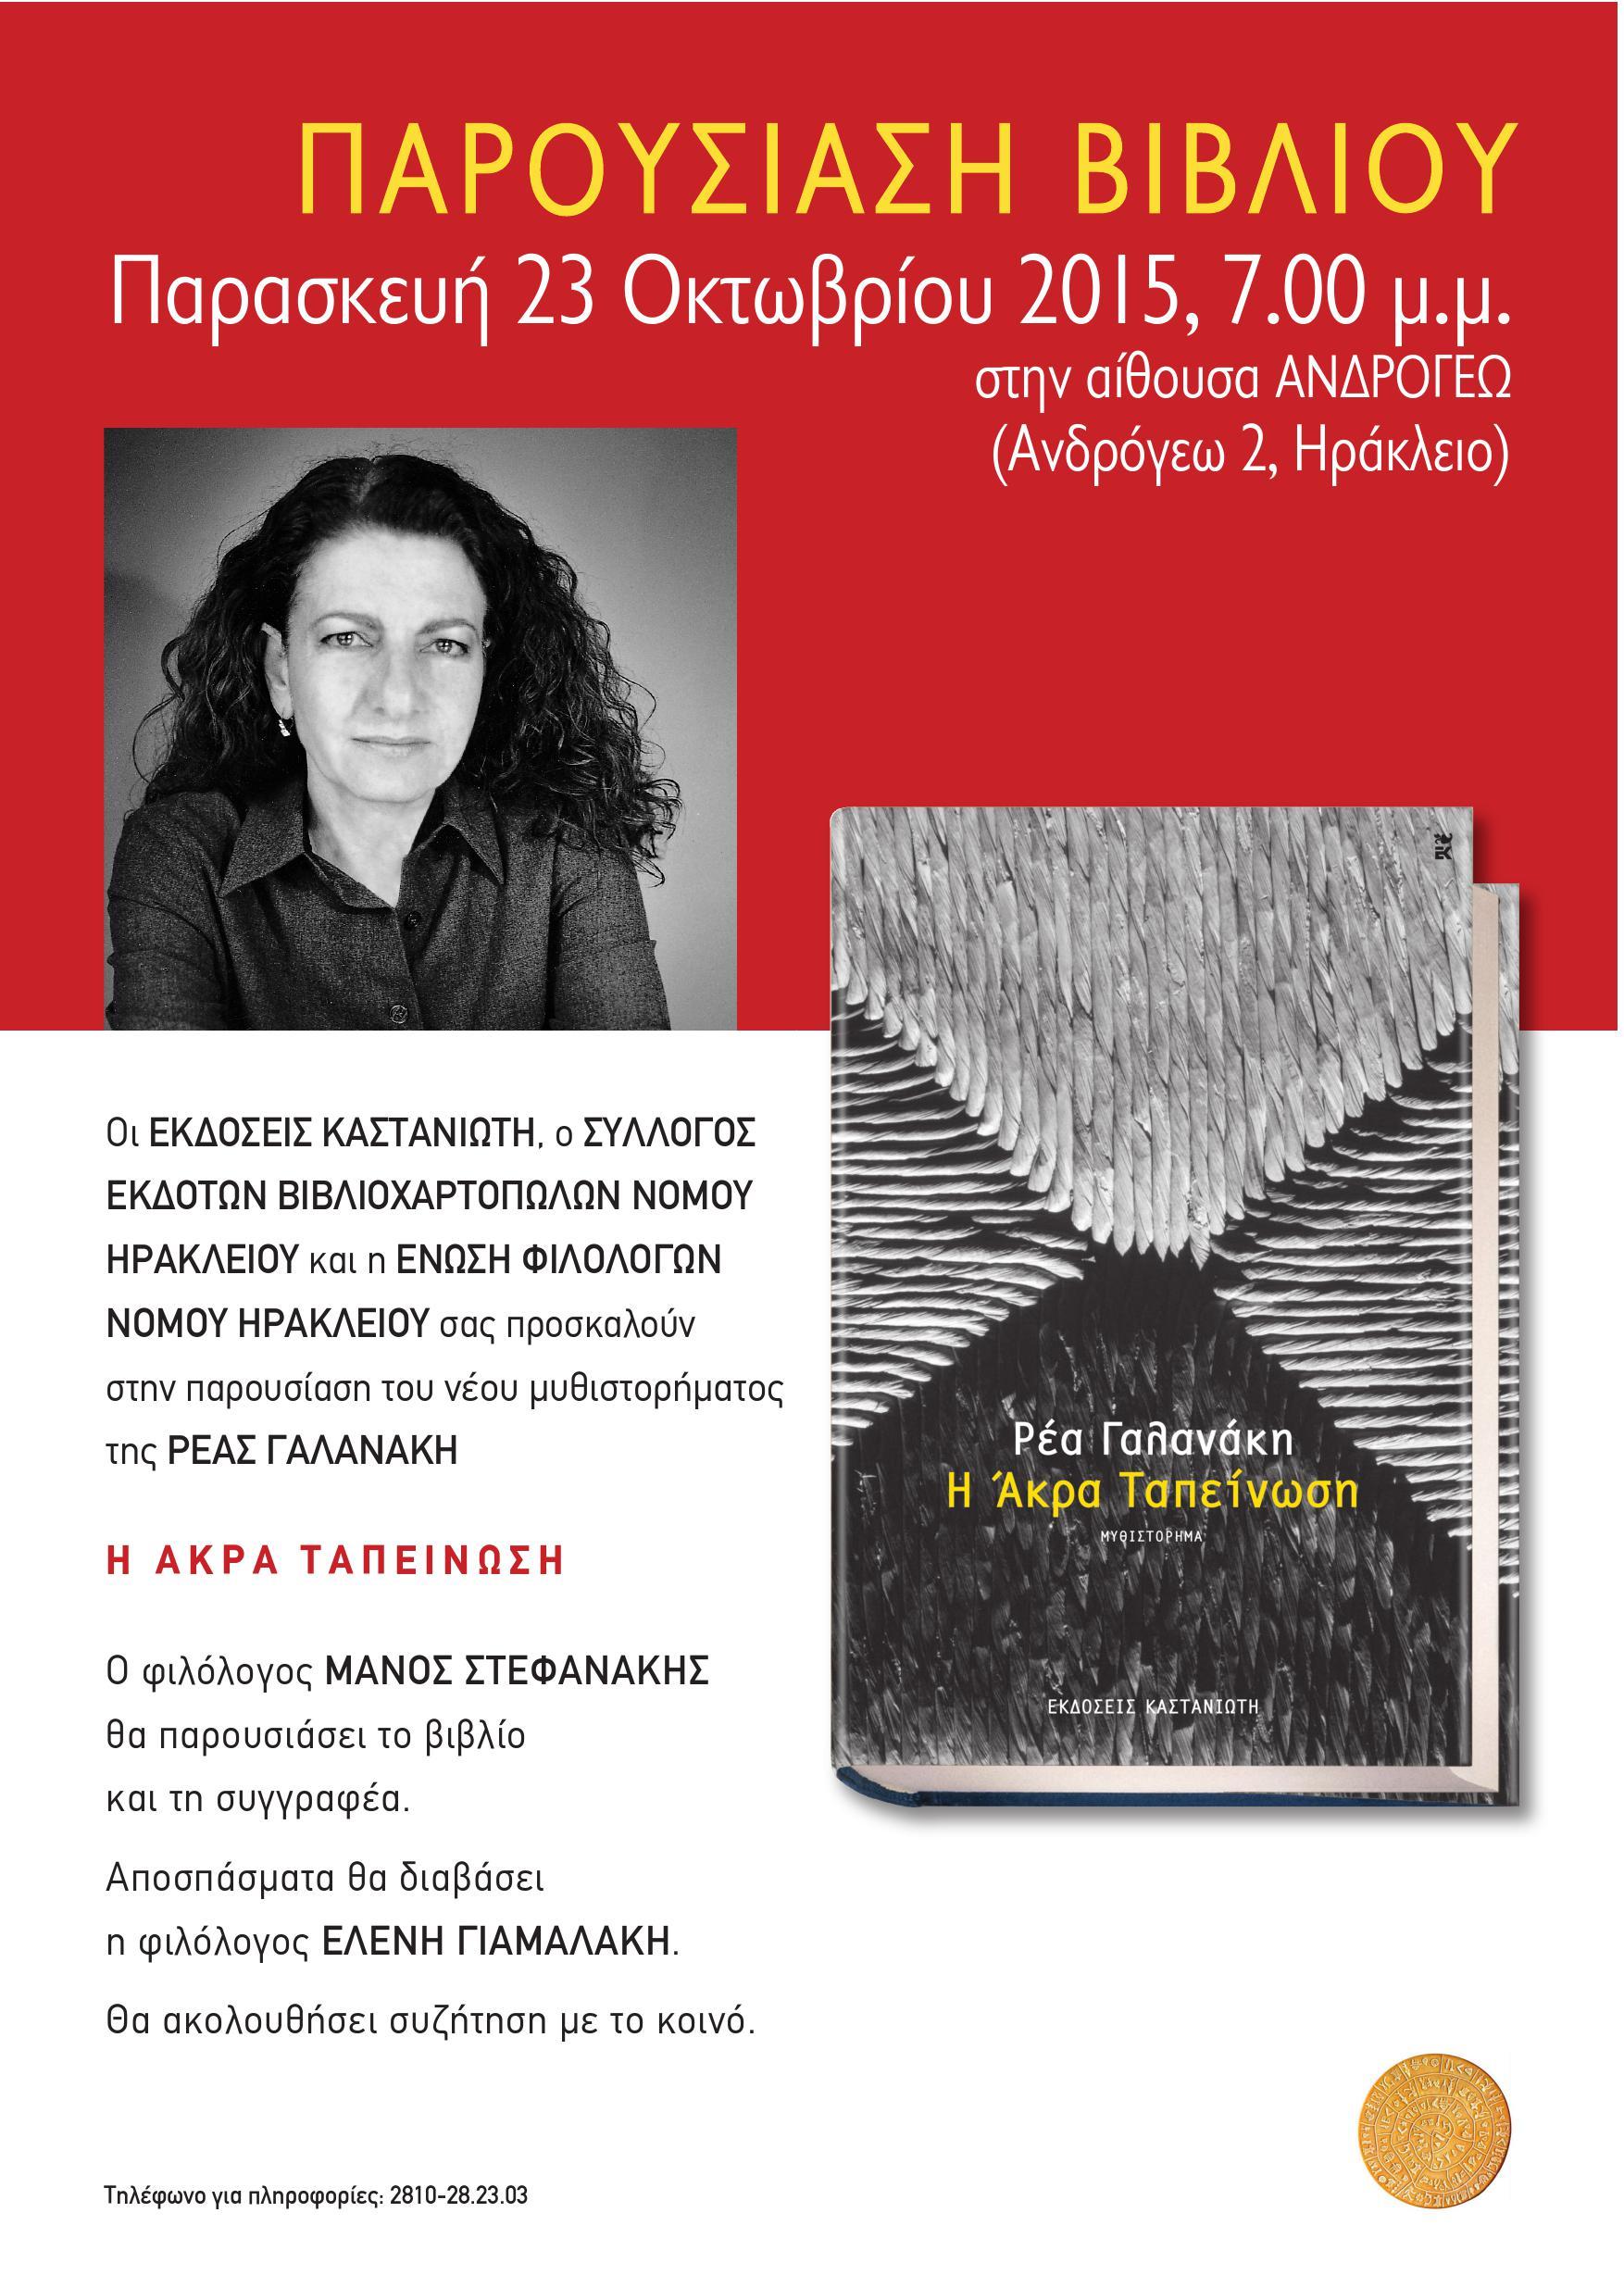 Παρουσίαση του νέου βιβλίου της Ρέας Γαλανάκη, Άκρα Ταπείνωση